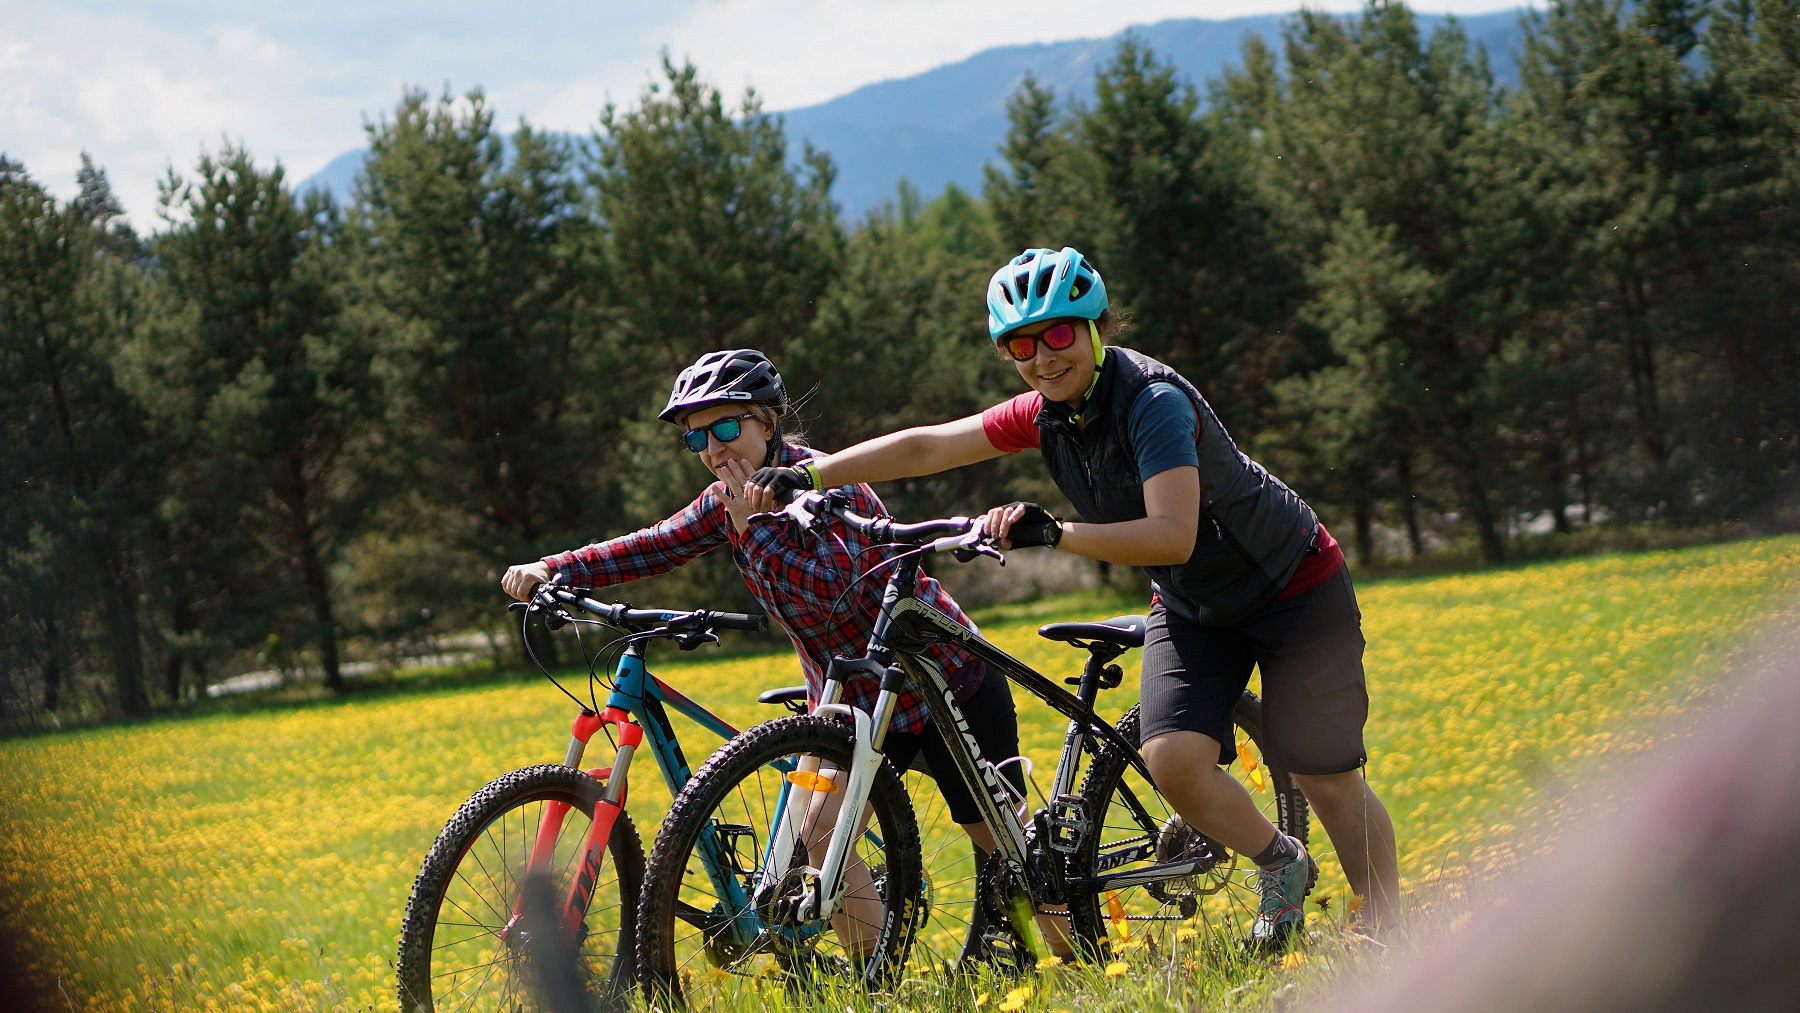 bike-škola-cyklokemp-tybike-16